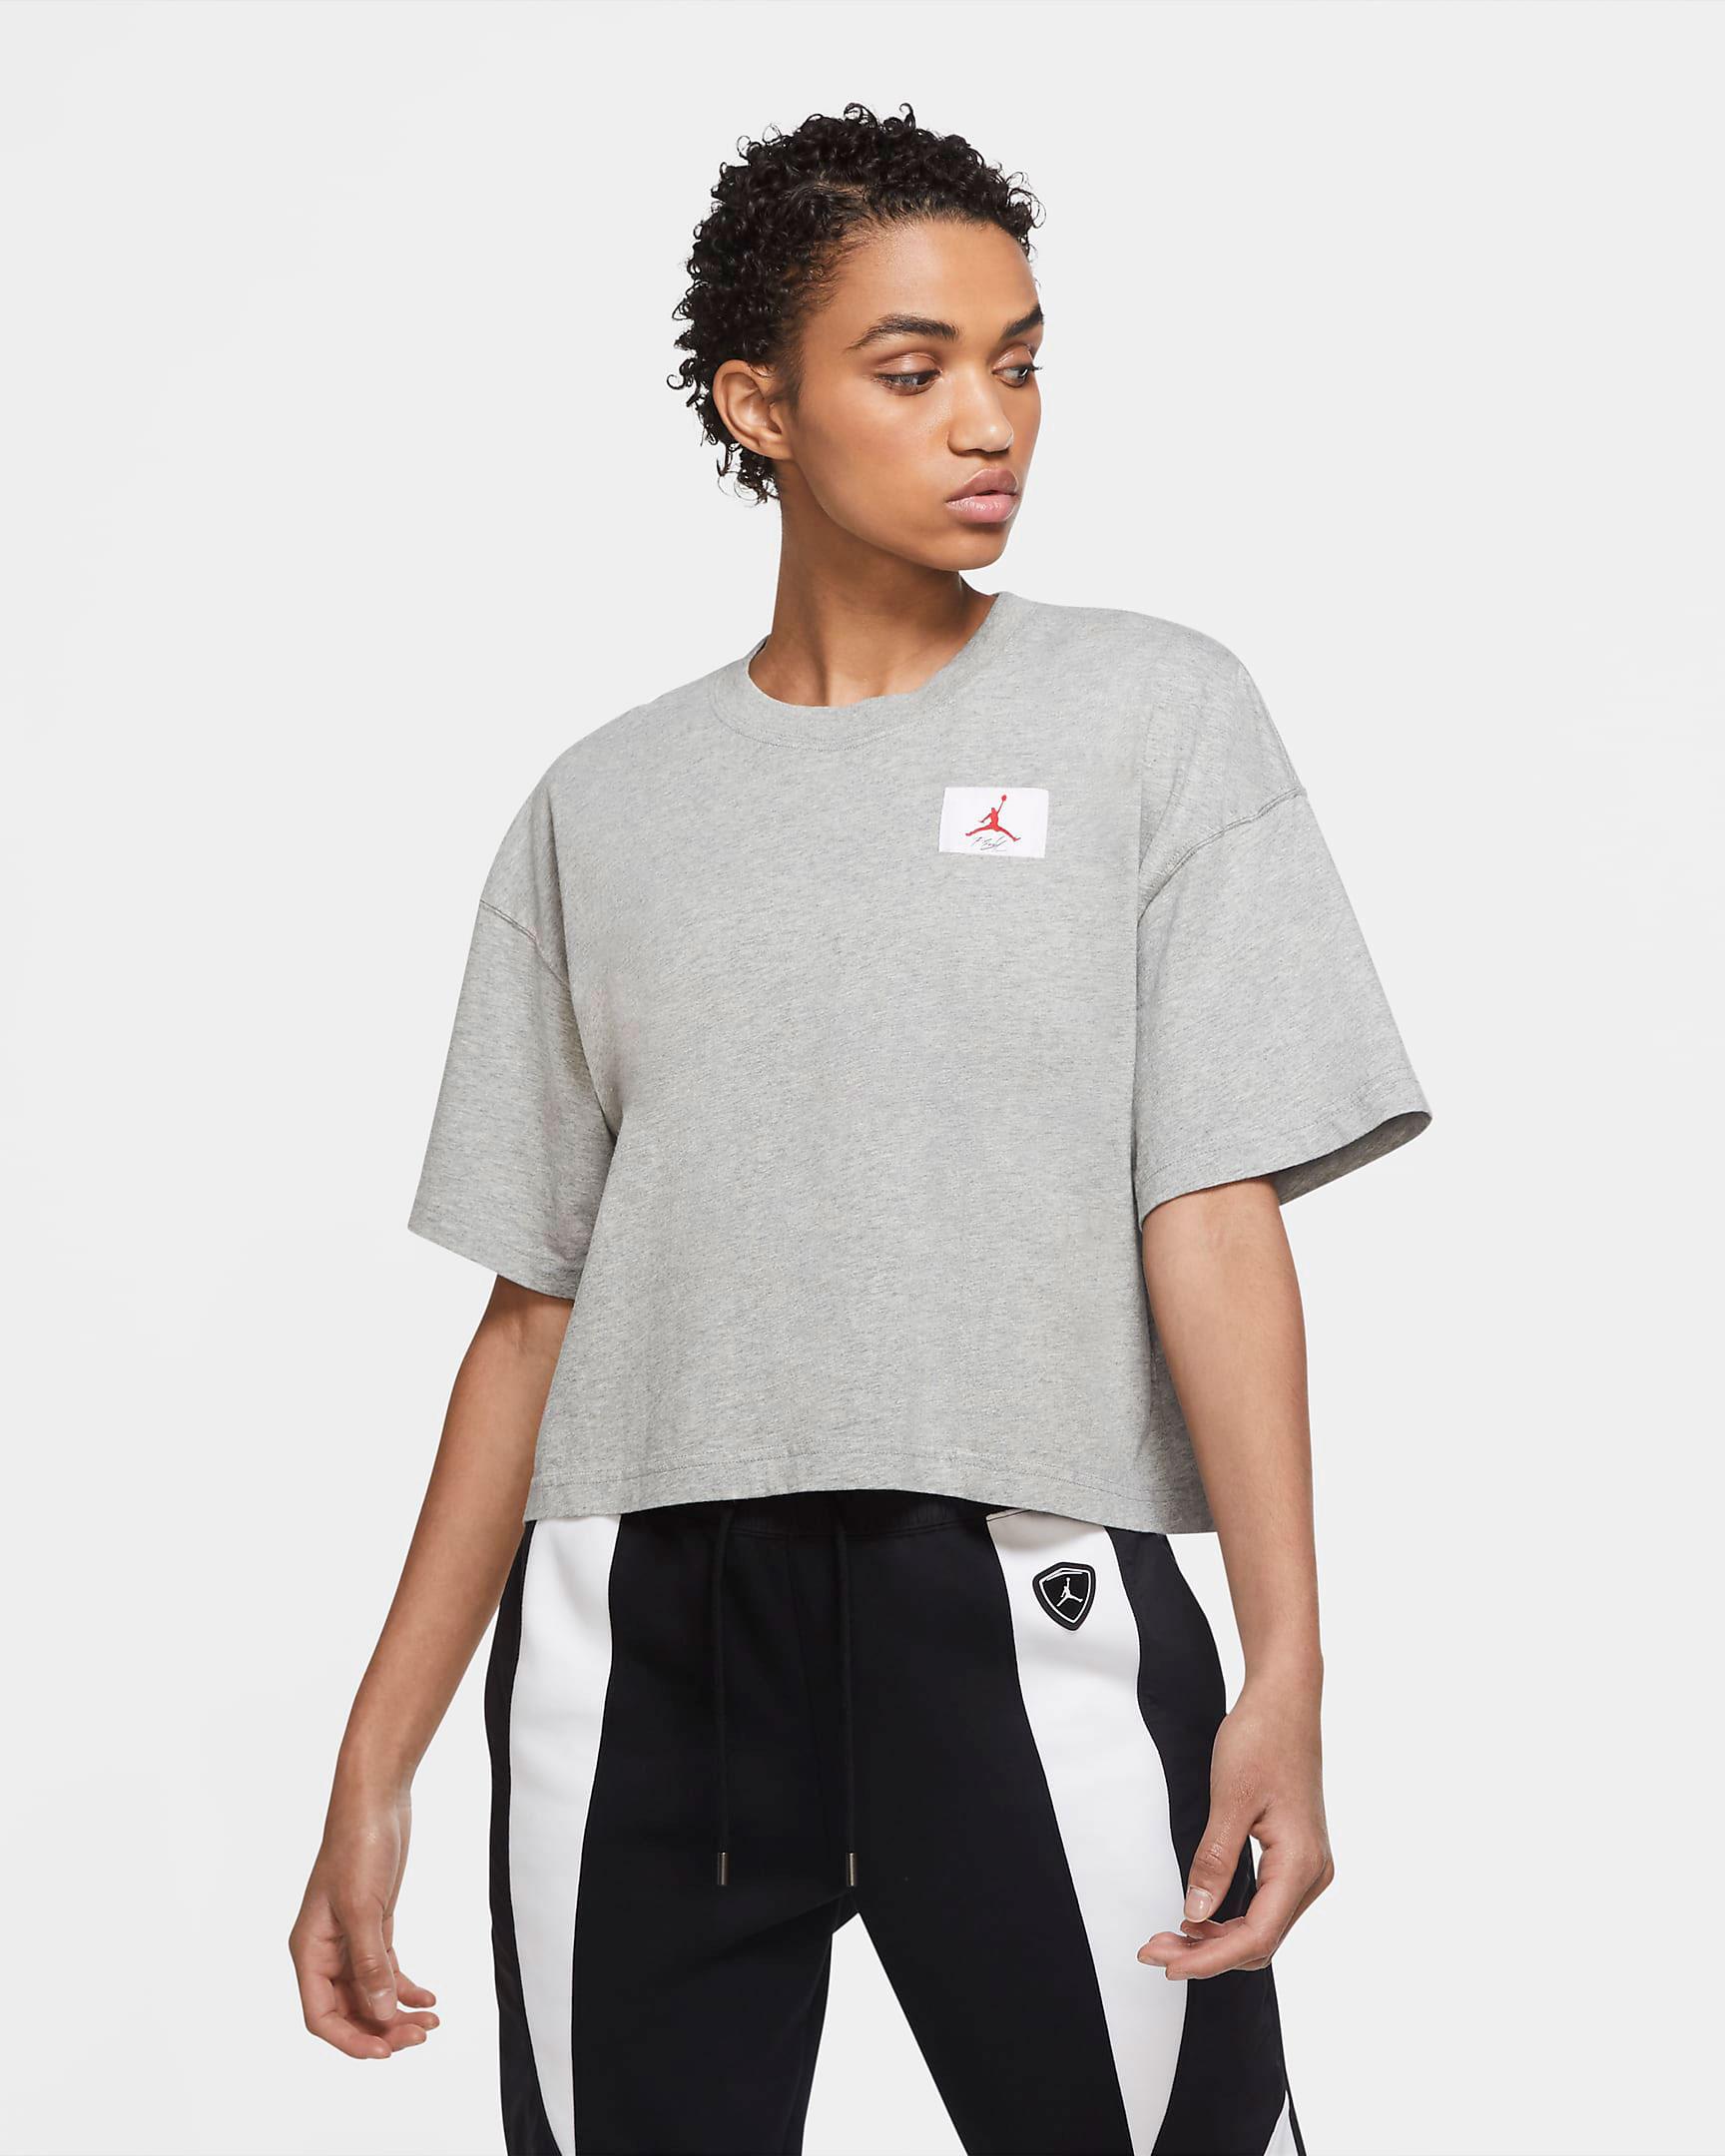 jordan-womens-flight-shirt-cement-grey